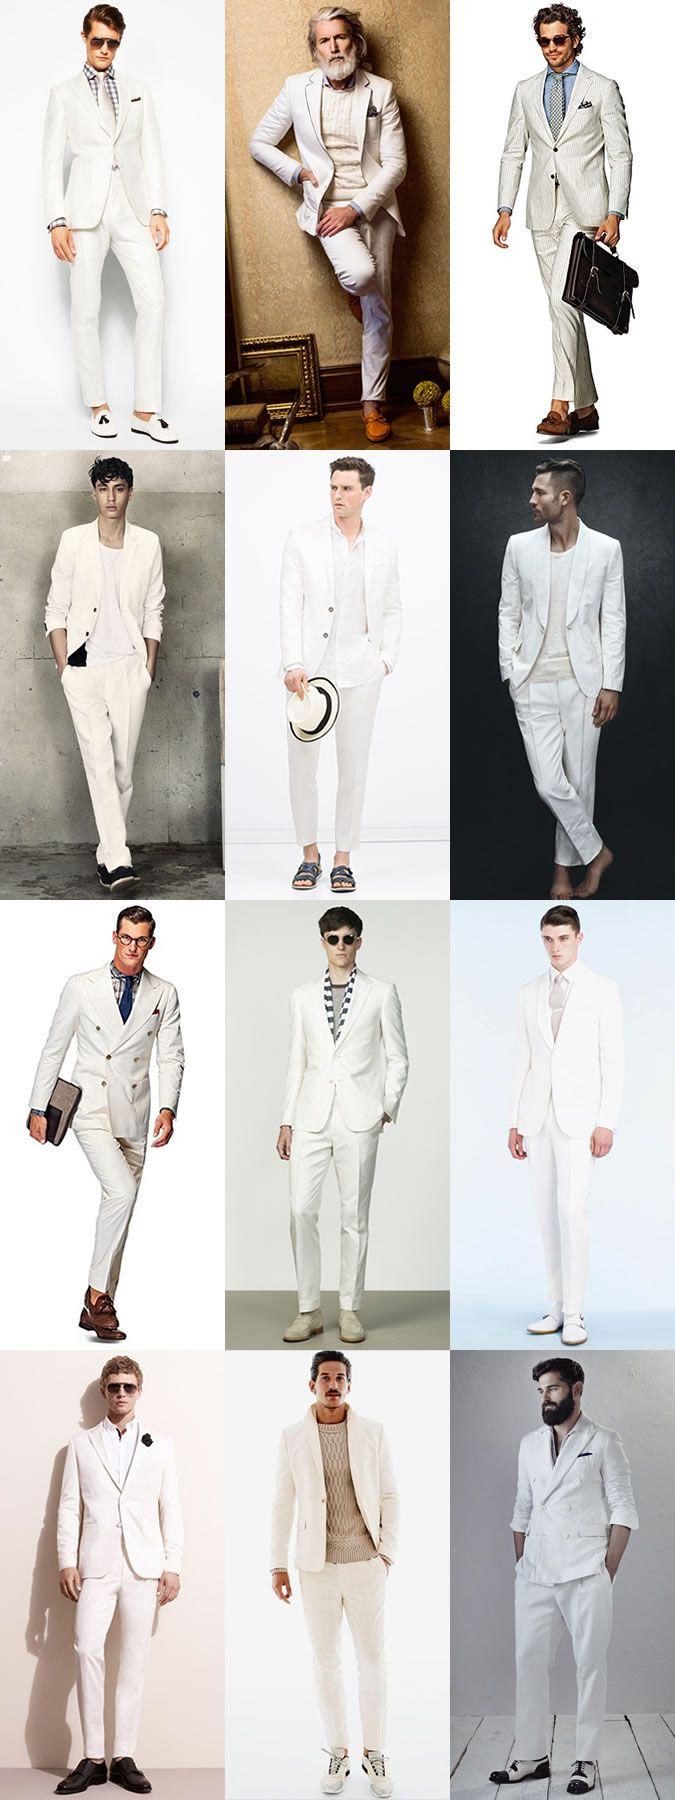 Männer Styling Ideen für die All White Party. | Anzug